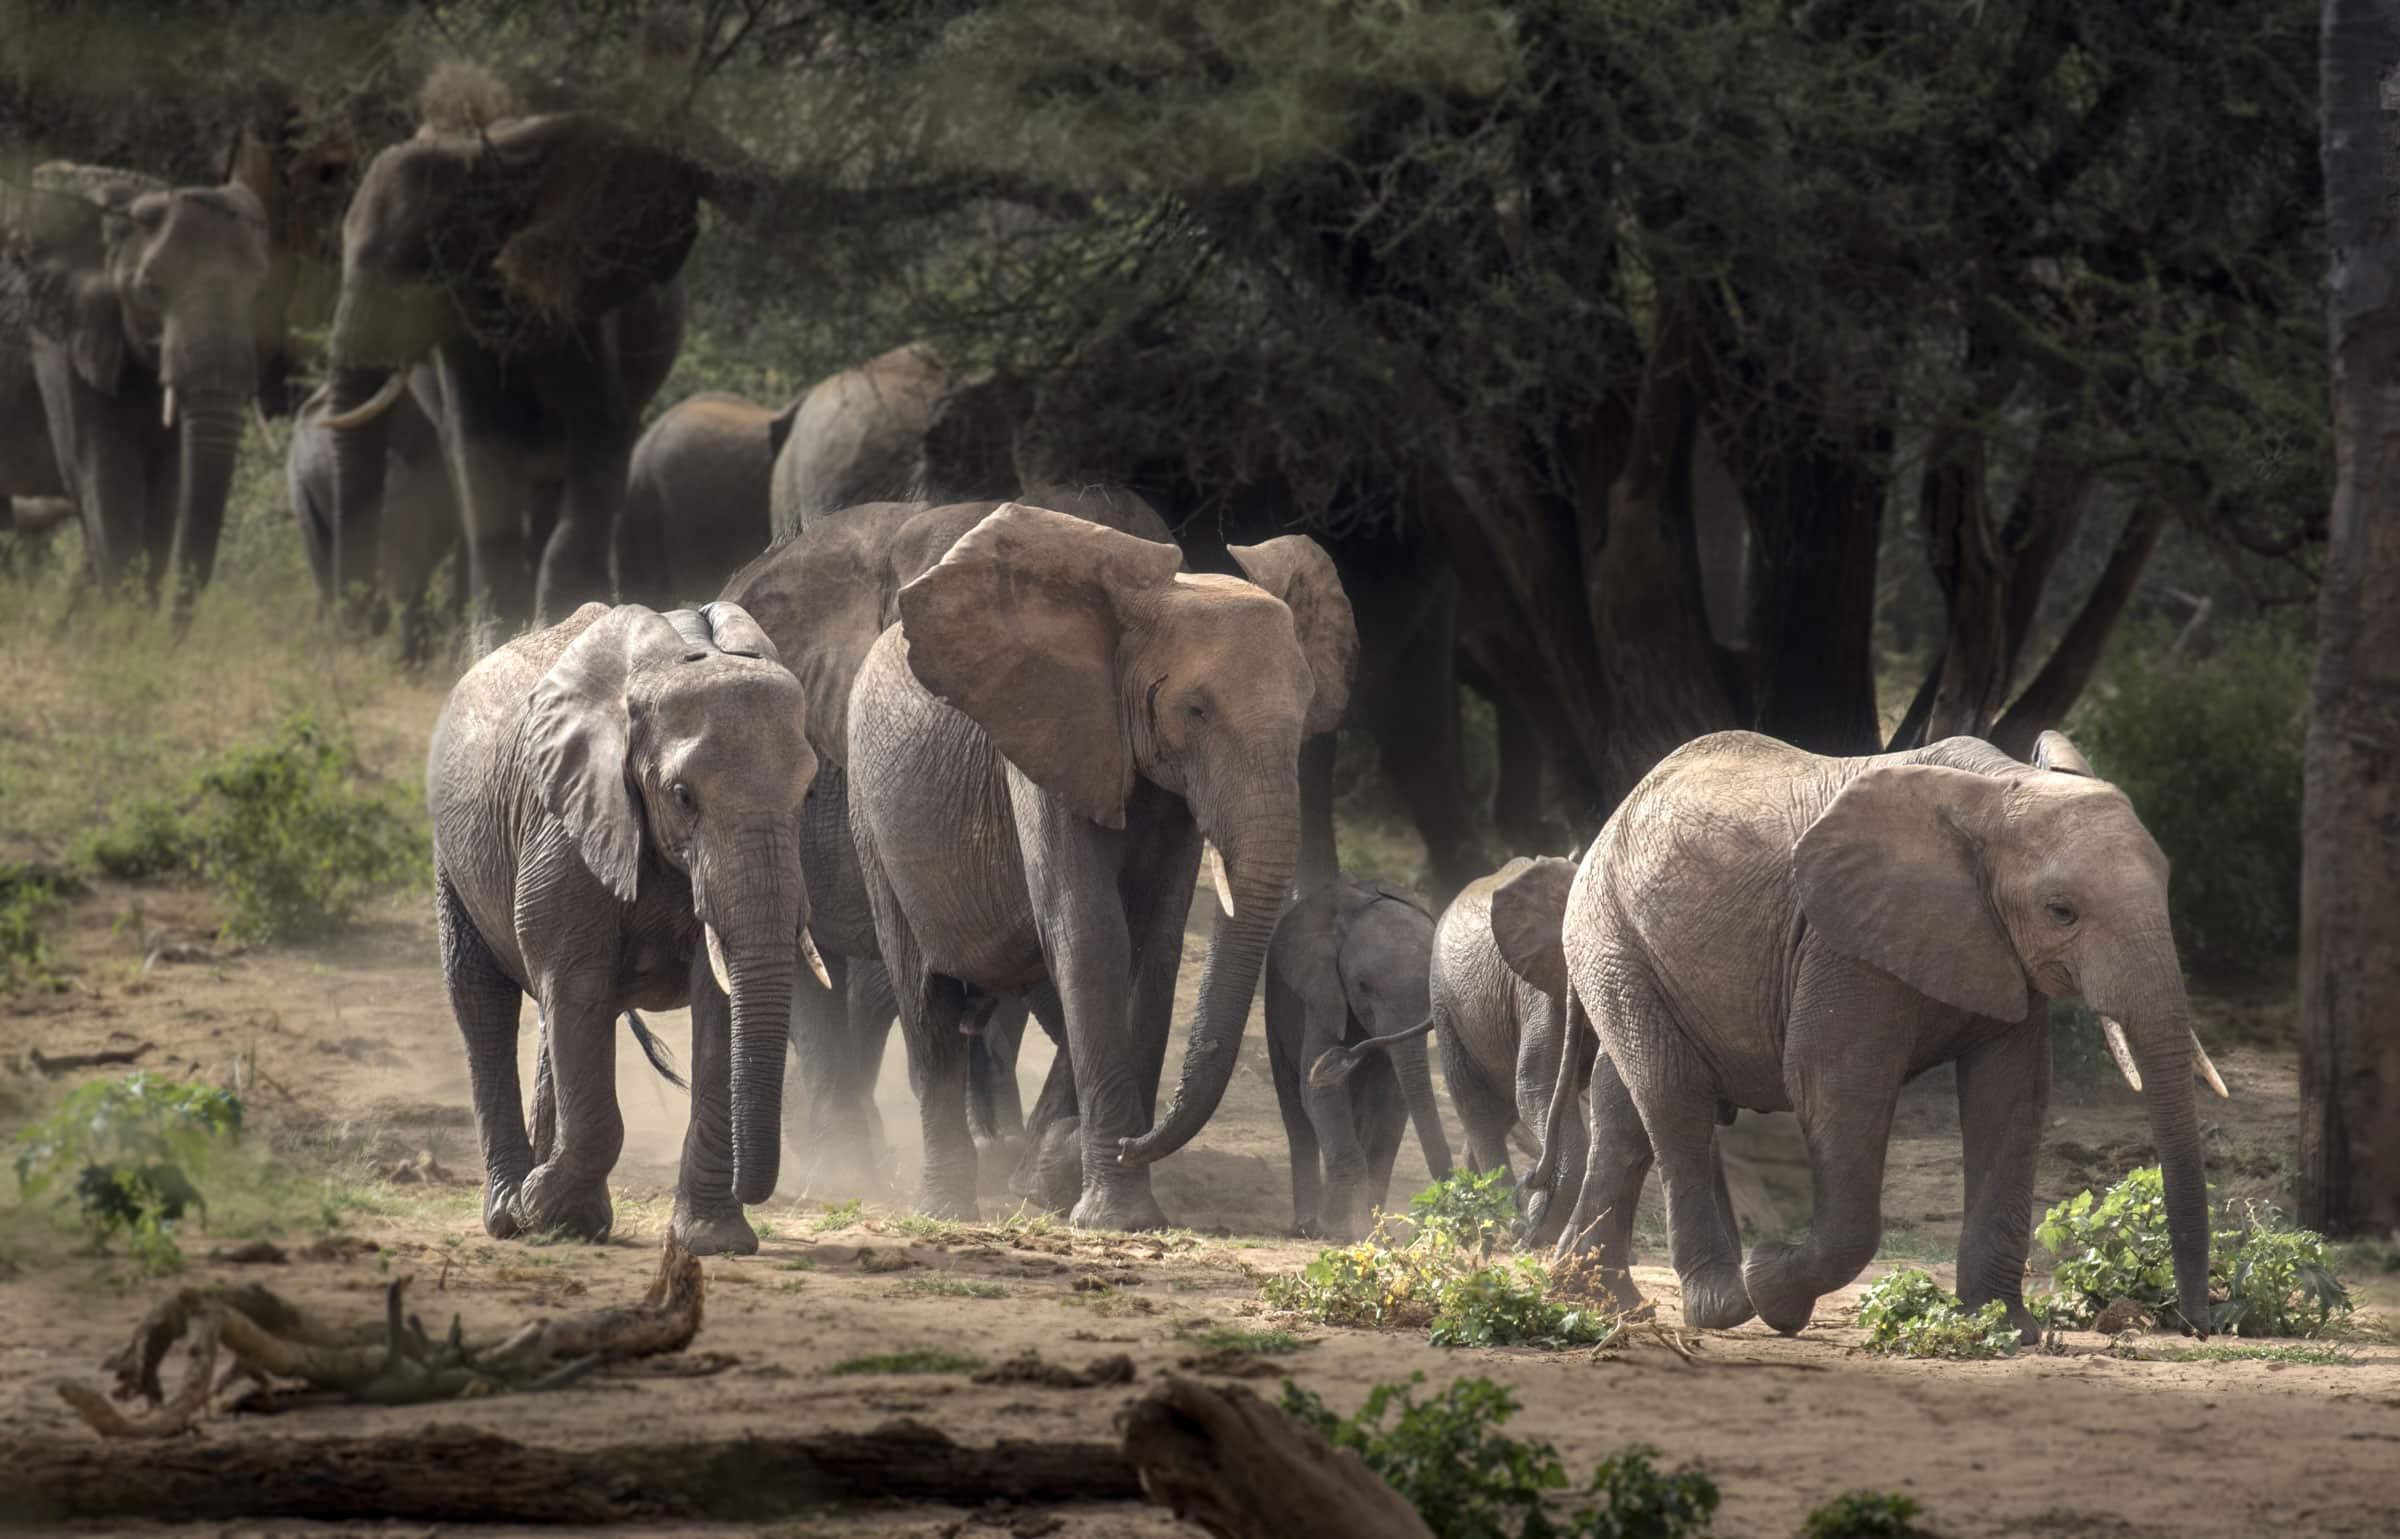 A pack of elephants walking